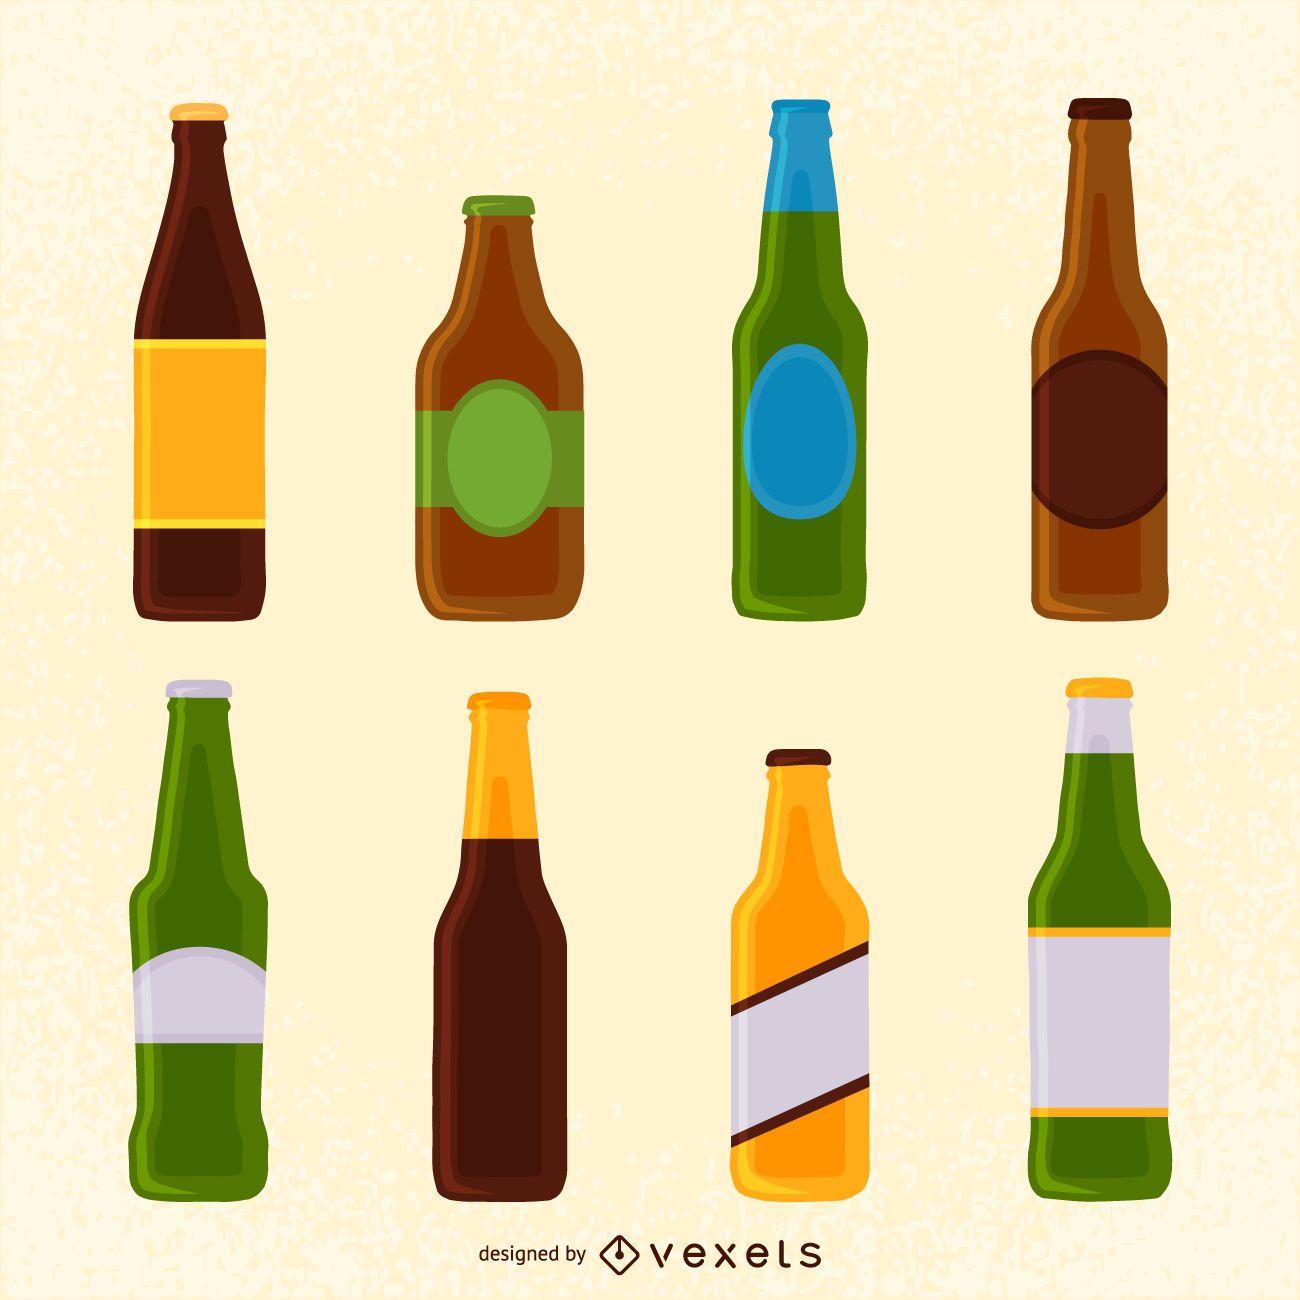 Set of beer bottle illustrations